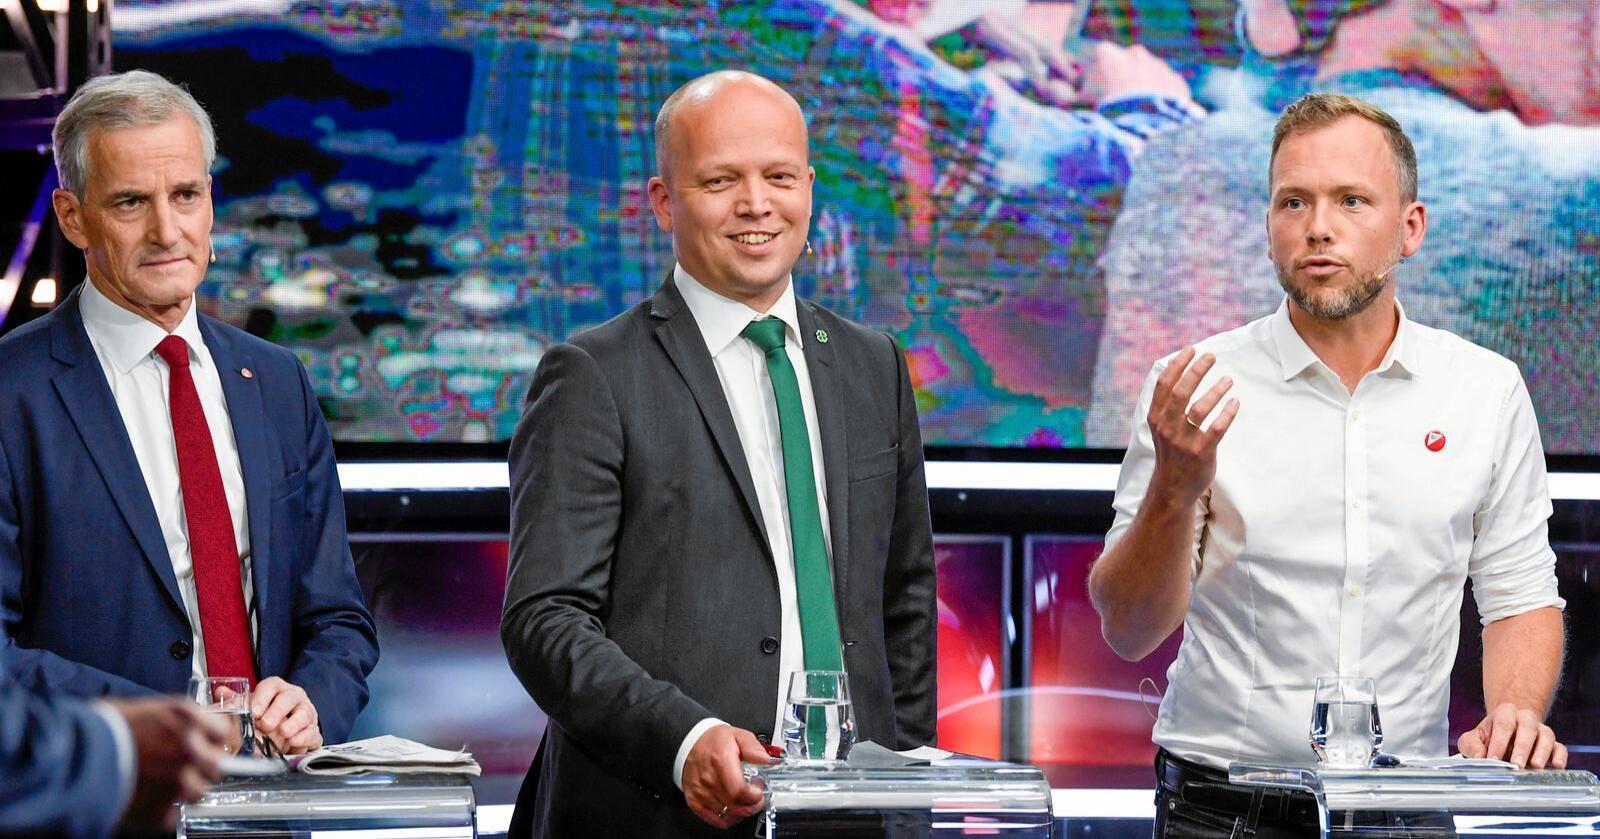 En fersk partimåling gir Jonas Gahr Støre (Ap), Trygve Slagsvold Vedum (Sp) og Audun Lysbakken (SV) grunn til å smile. Foto: Marit Hommedal / NTB